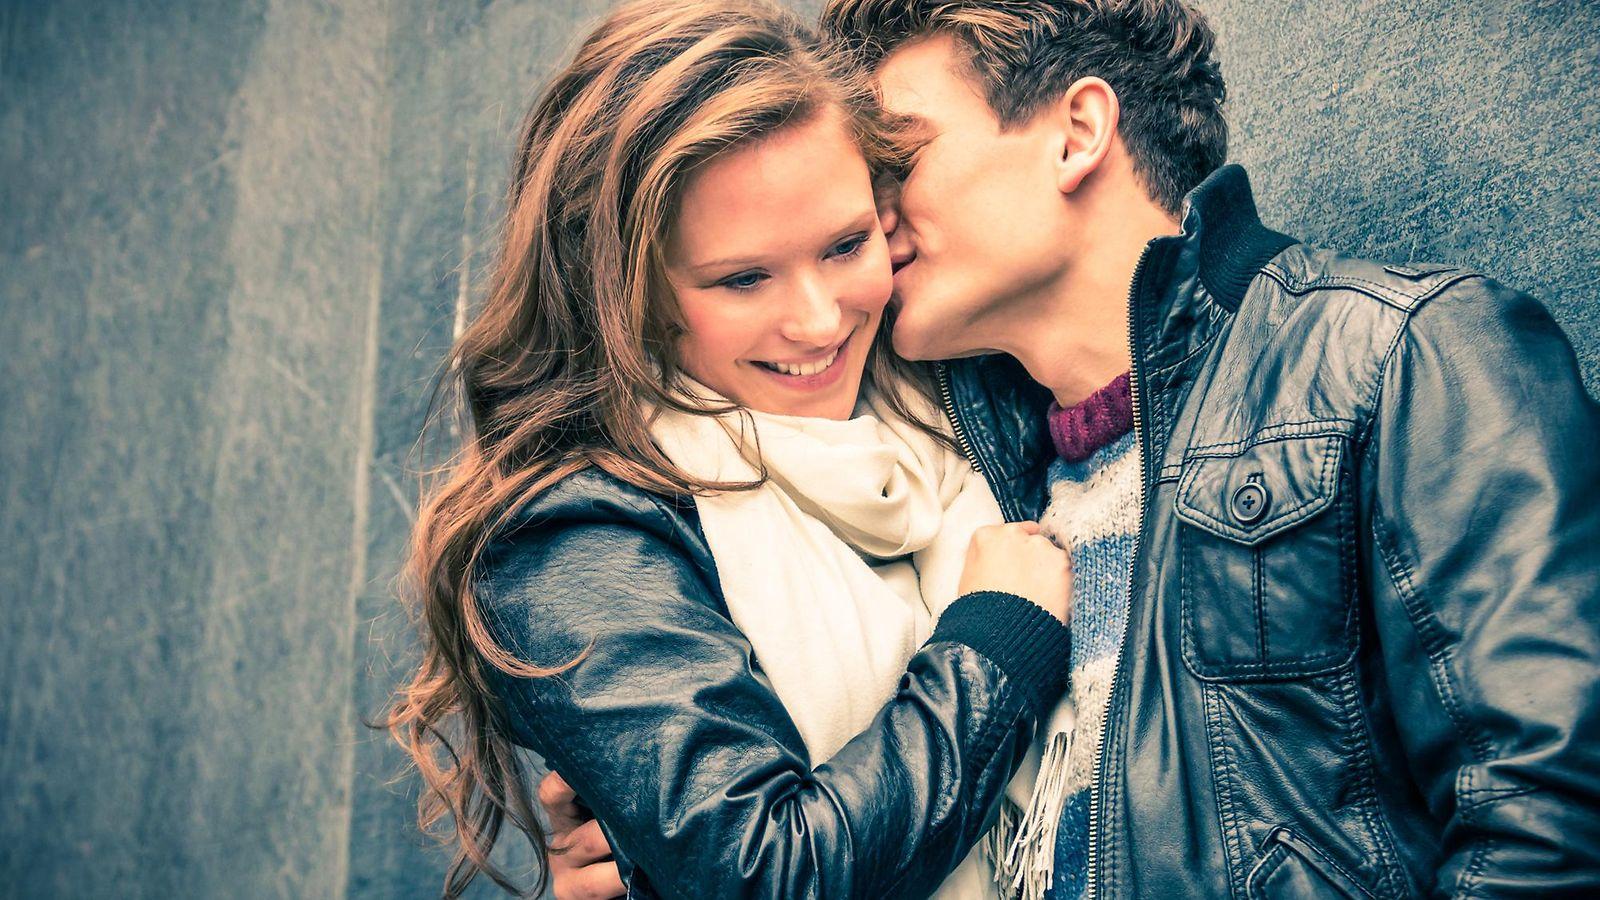 Mitä vikaa dating nuorempi mies